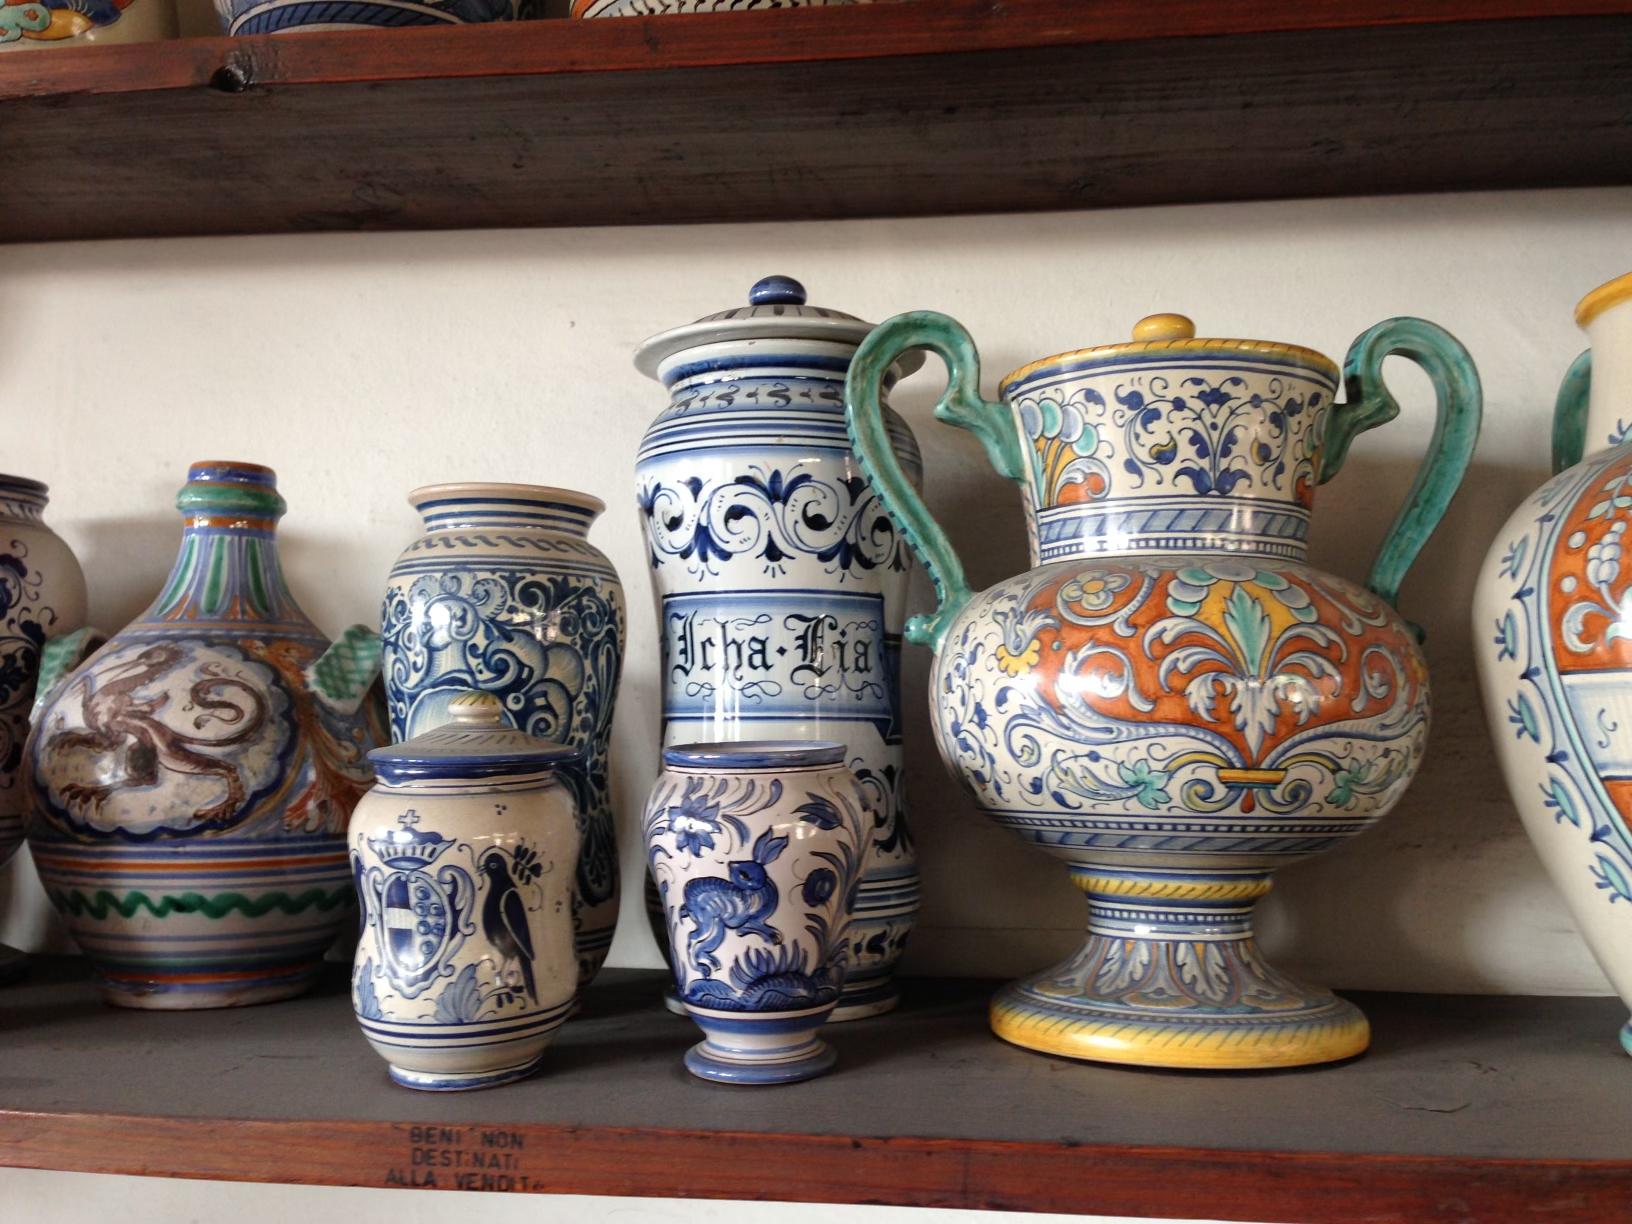 Deruta ceramics from Umbria, Italy